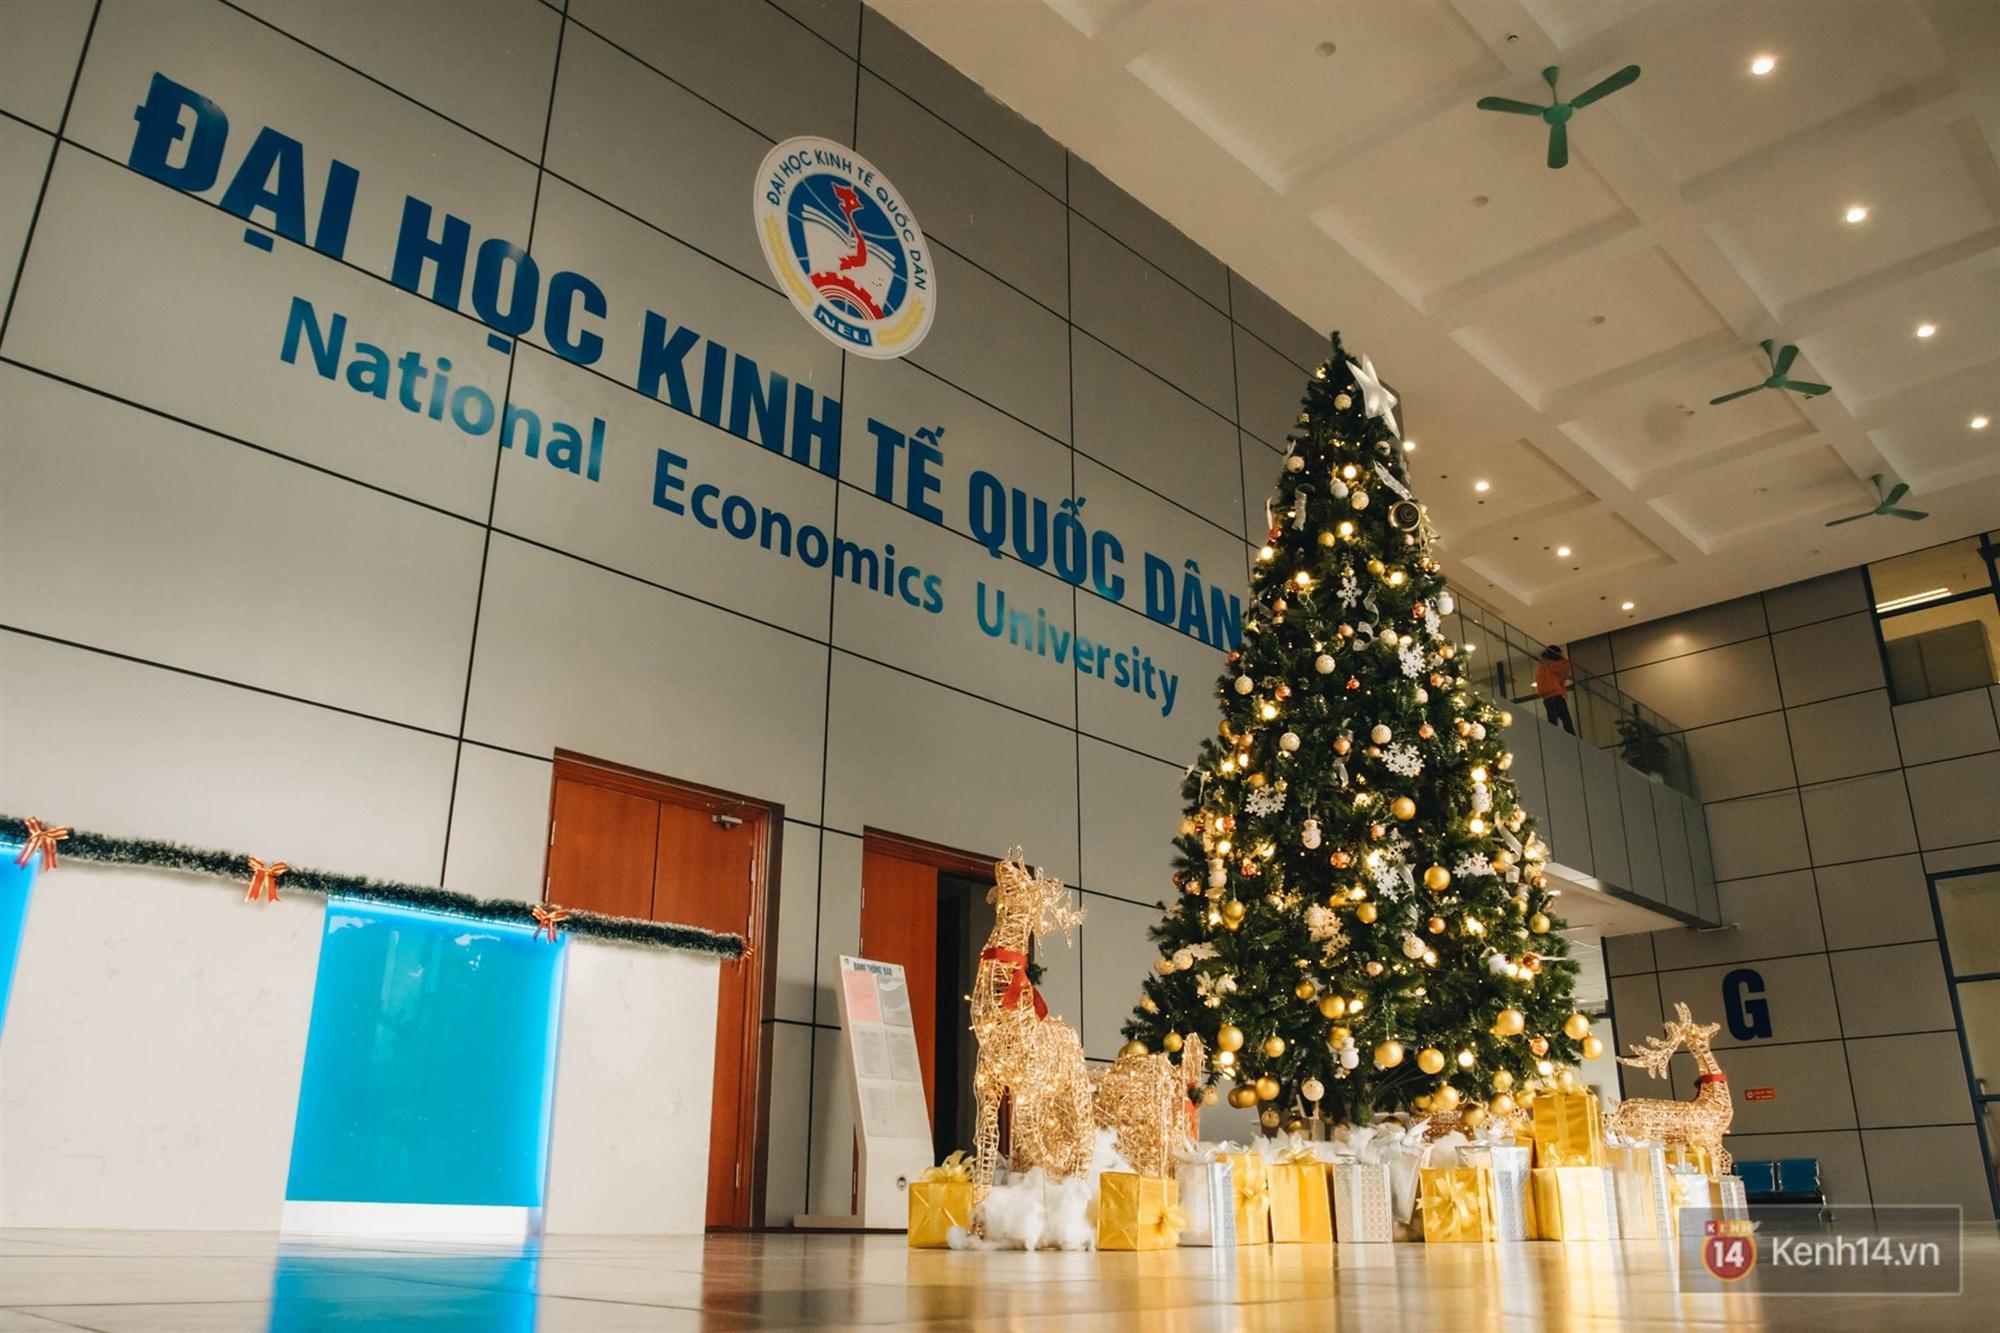 Xịn như Kinh tế Quốc dân: Dựng không gian checkin Noel sang như khách sạn bên trong toà nhà thế kỷ 96.000 m2 với 17 thang máy!-1